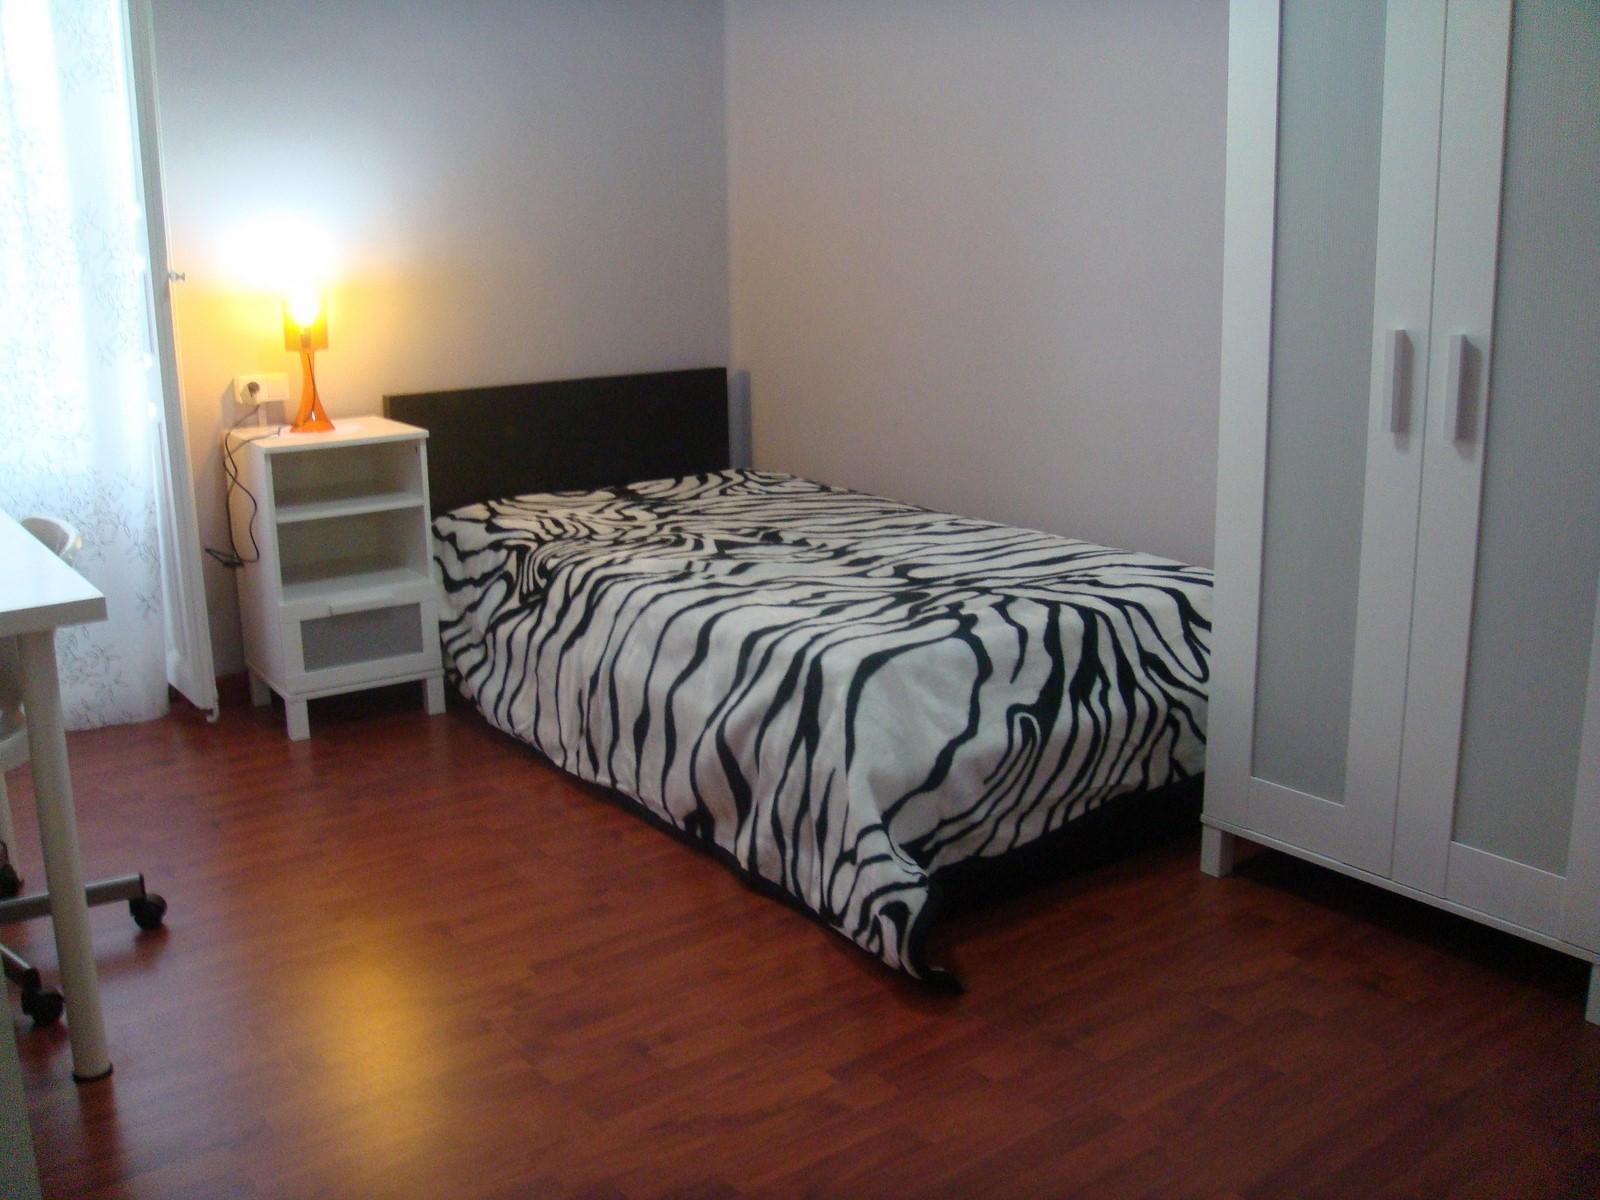 valencia-rooms-habitaciones-pequeas-con-cama-individual-foto-principal